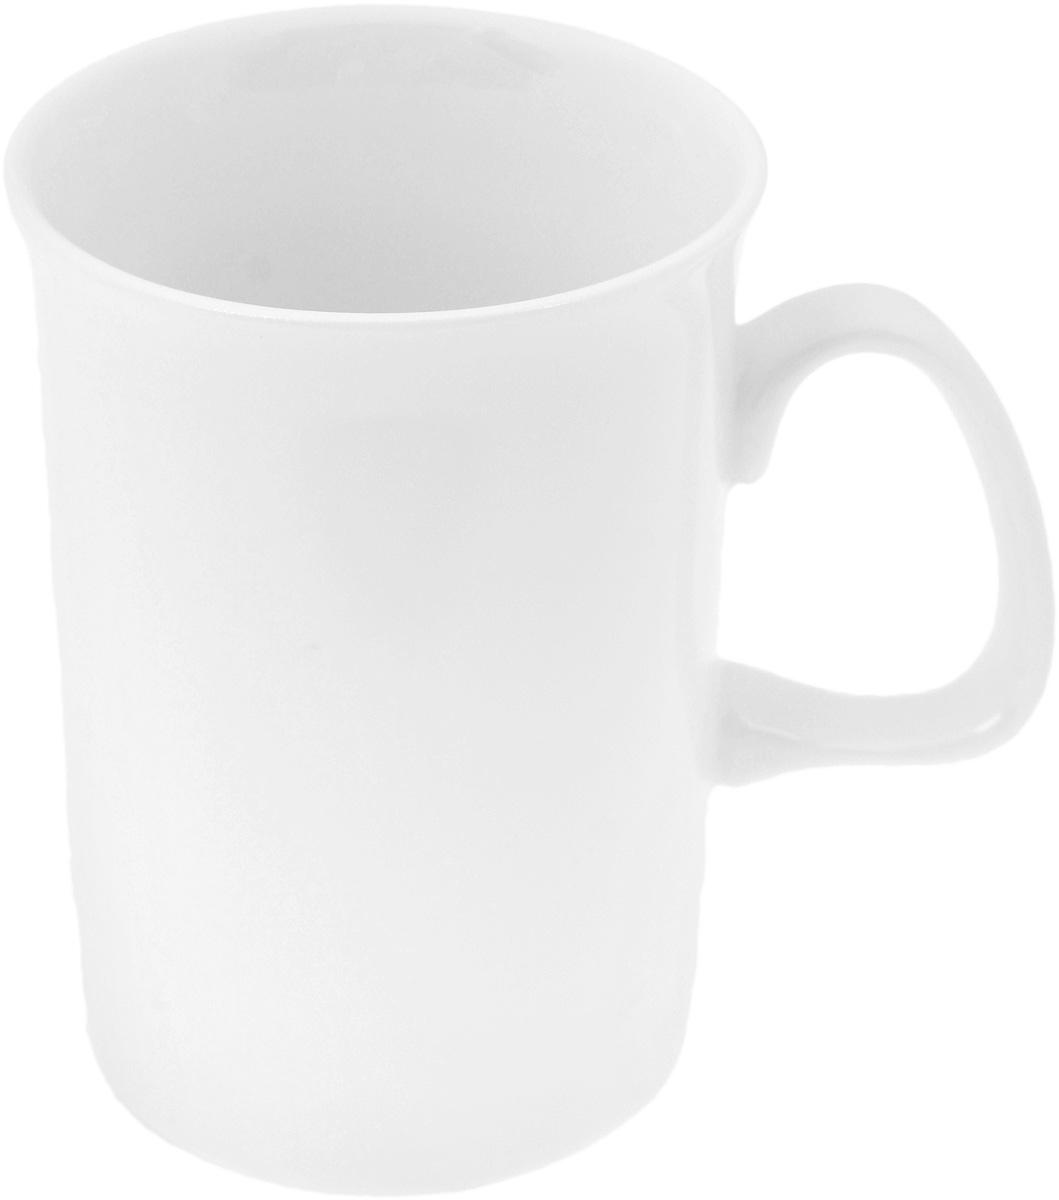 Кружка Wilmax, 310 мл55411BКружка Wilmax изготовлена из высококачественного фарфора и сочетает в себе оригинальный дизайн и функциональность. Такая кружка идеально впишется в интерьер современной кухни, а также станет хорошим и практичным подарком на любой праздник. Диаметр кружки(по верхнему краю): 7,7 см.